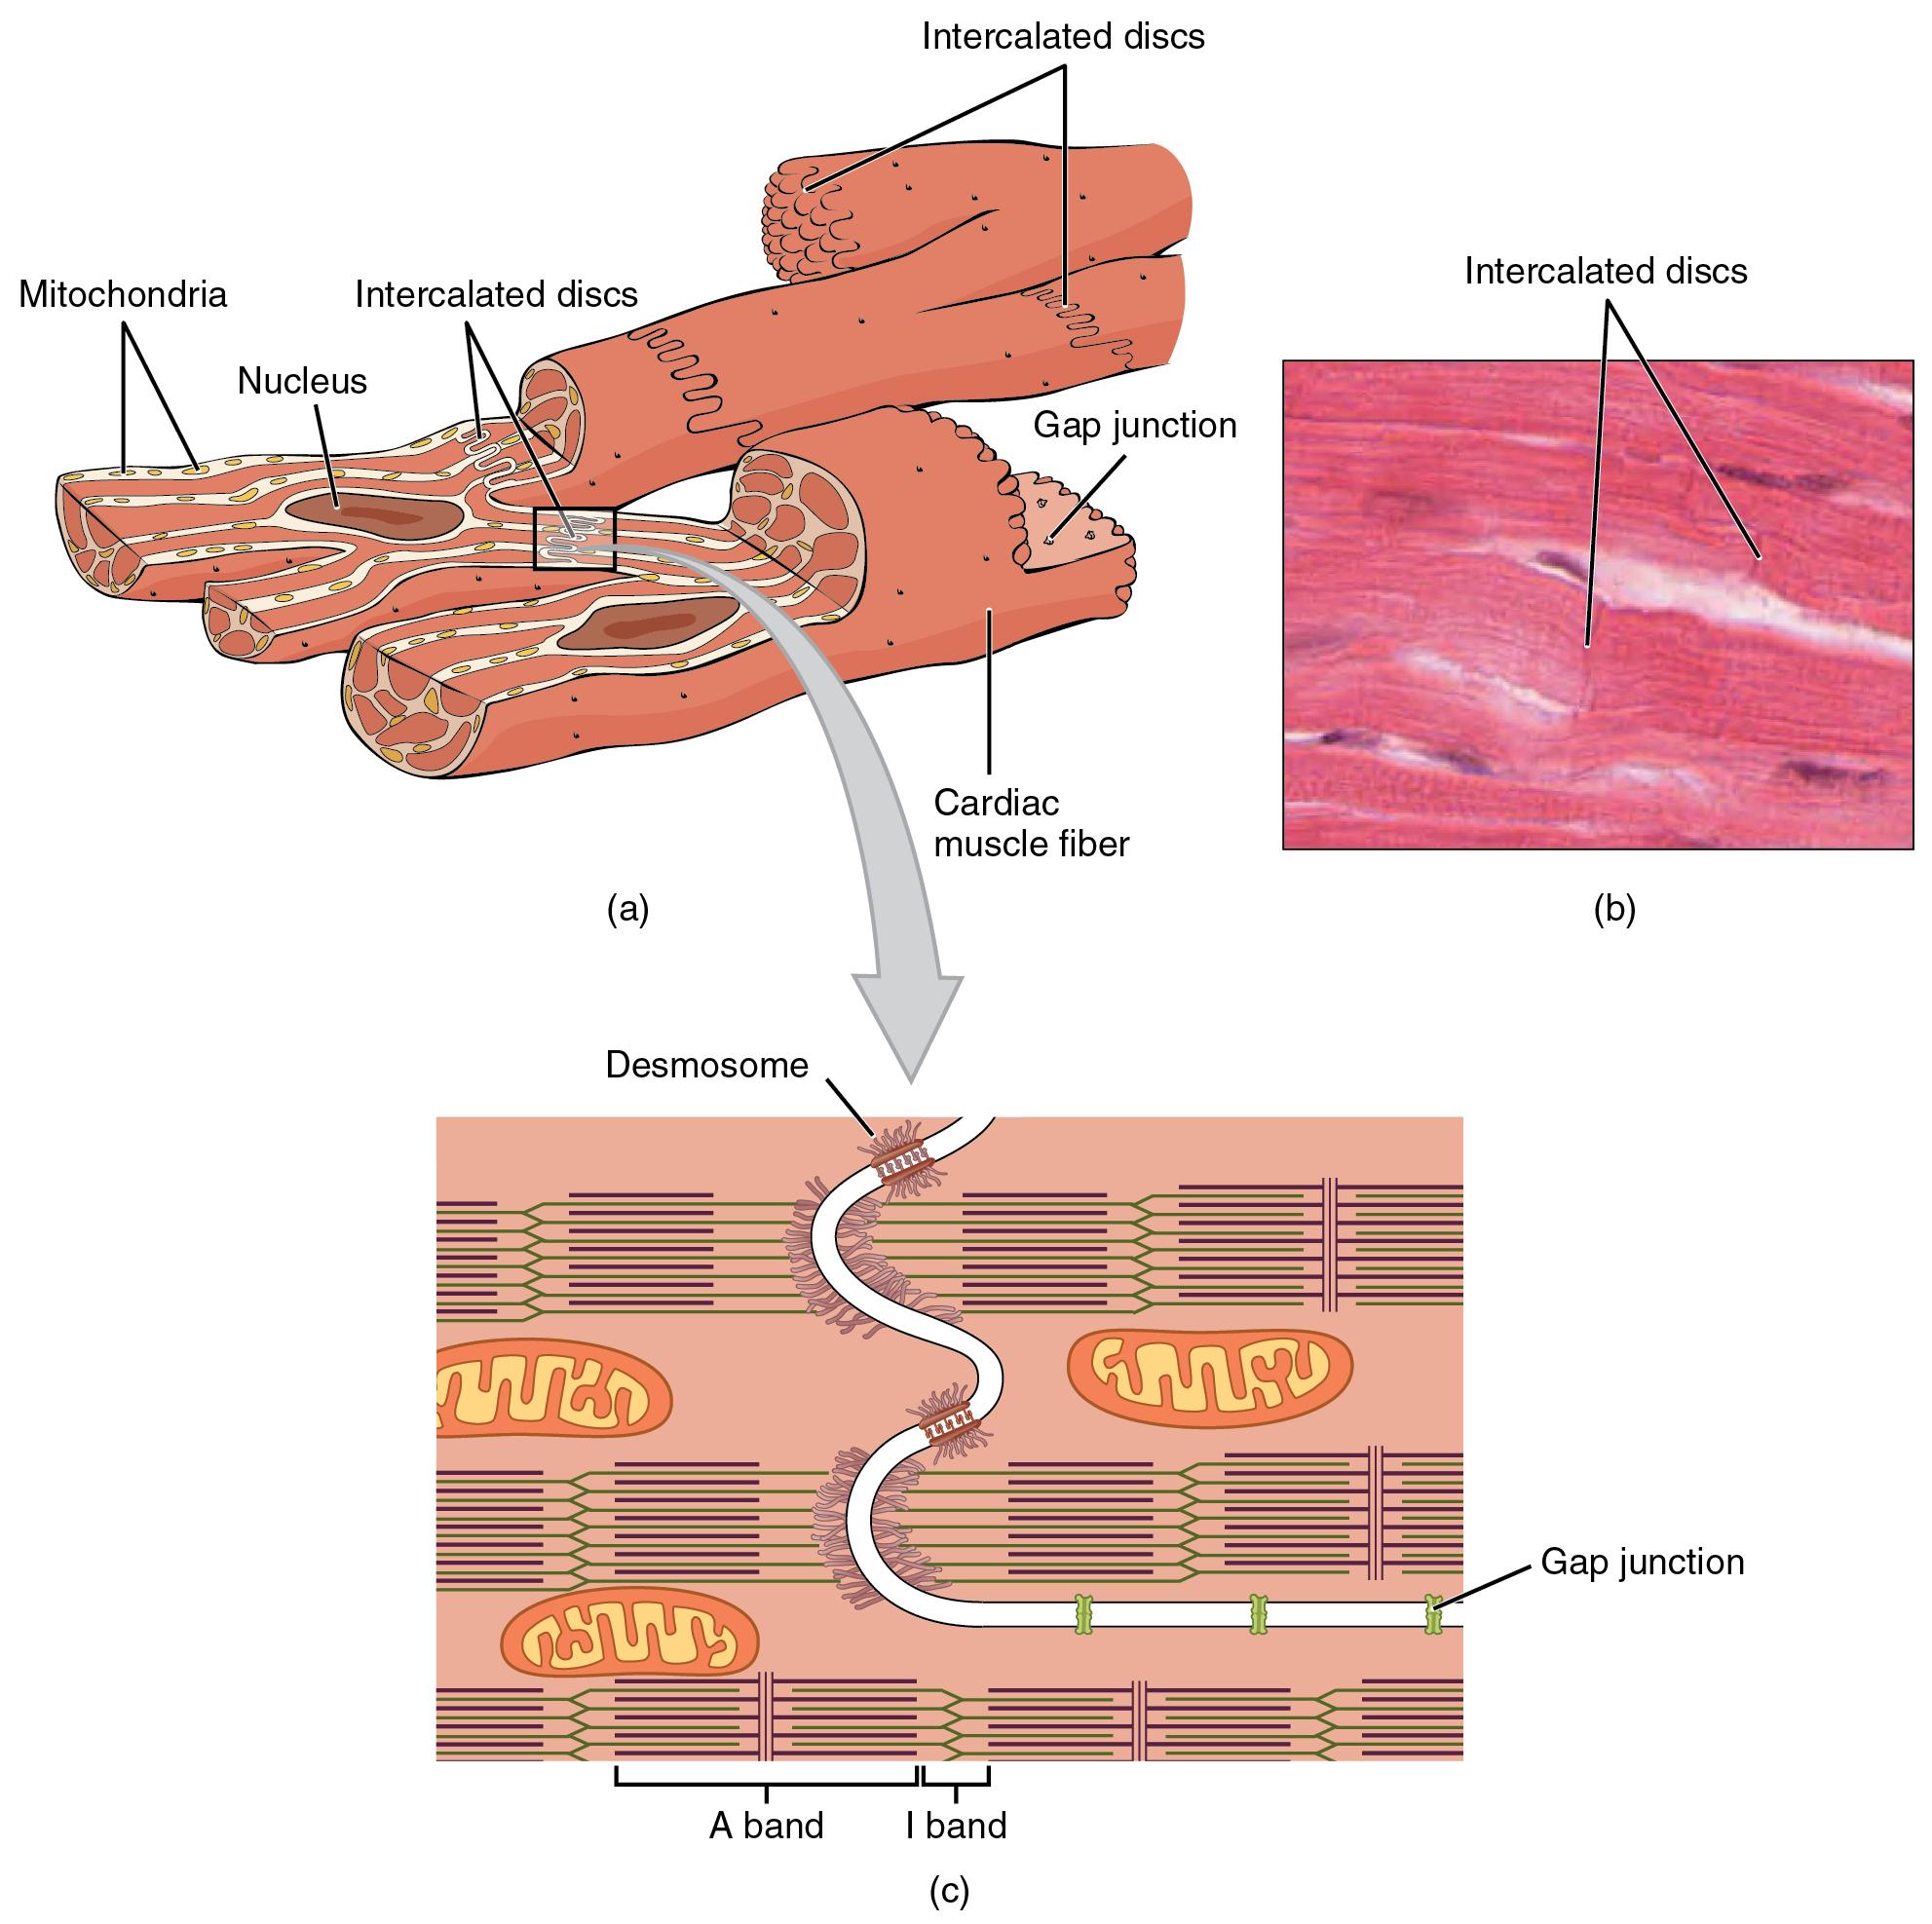 Nerve activates contraction